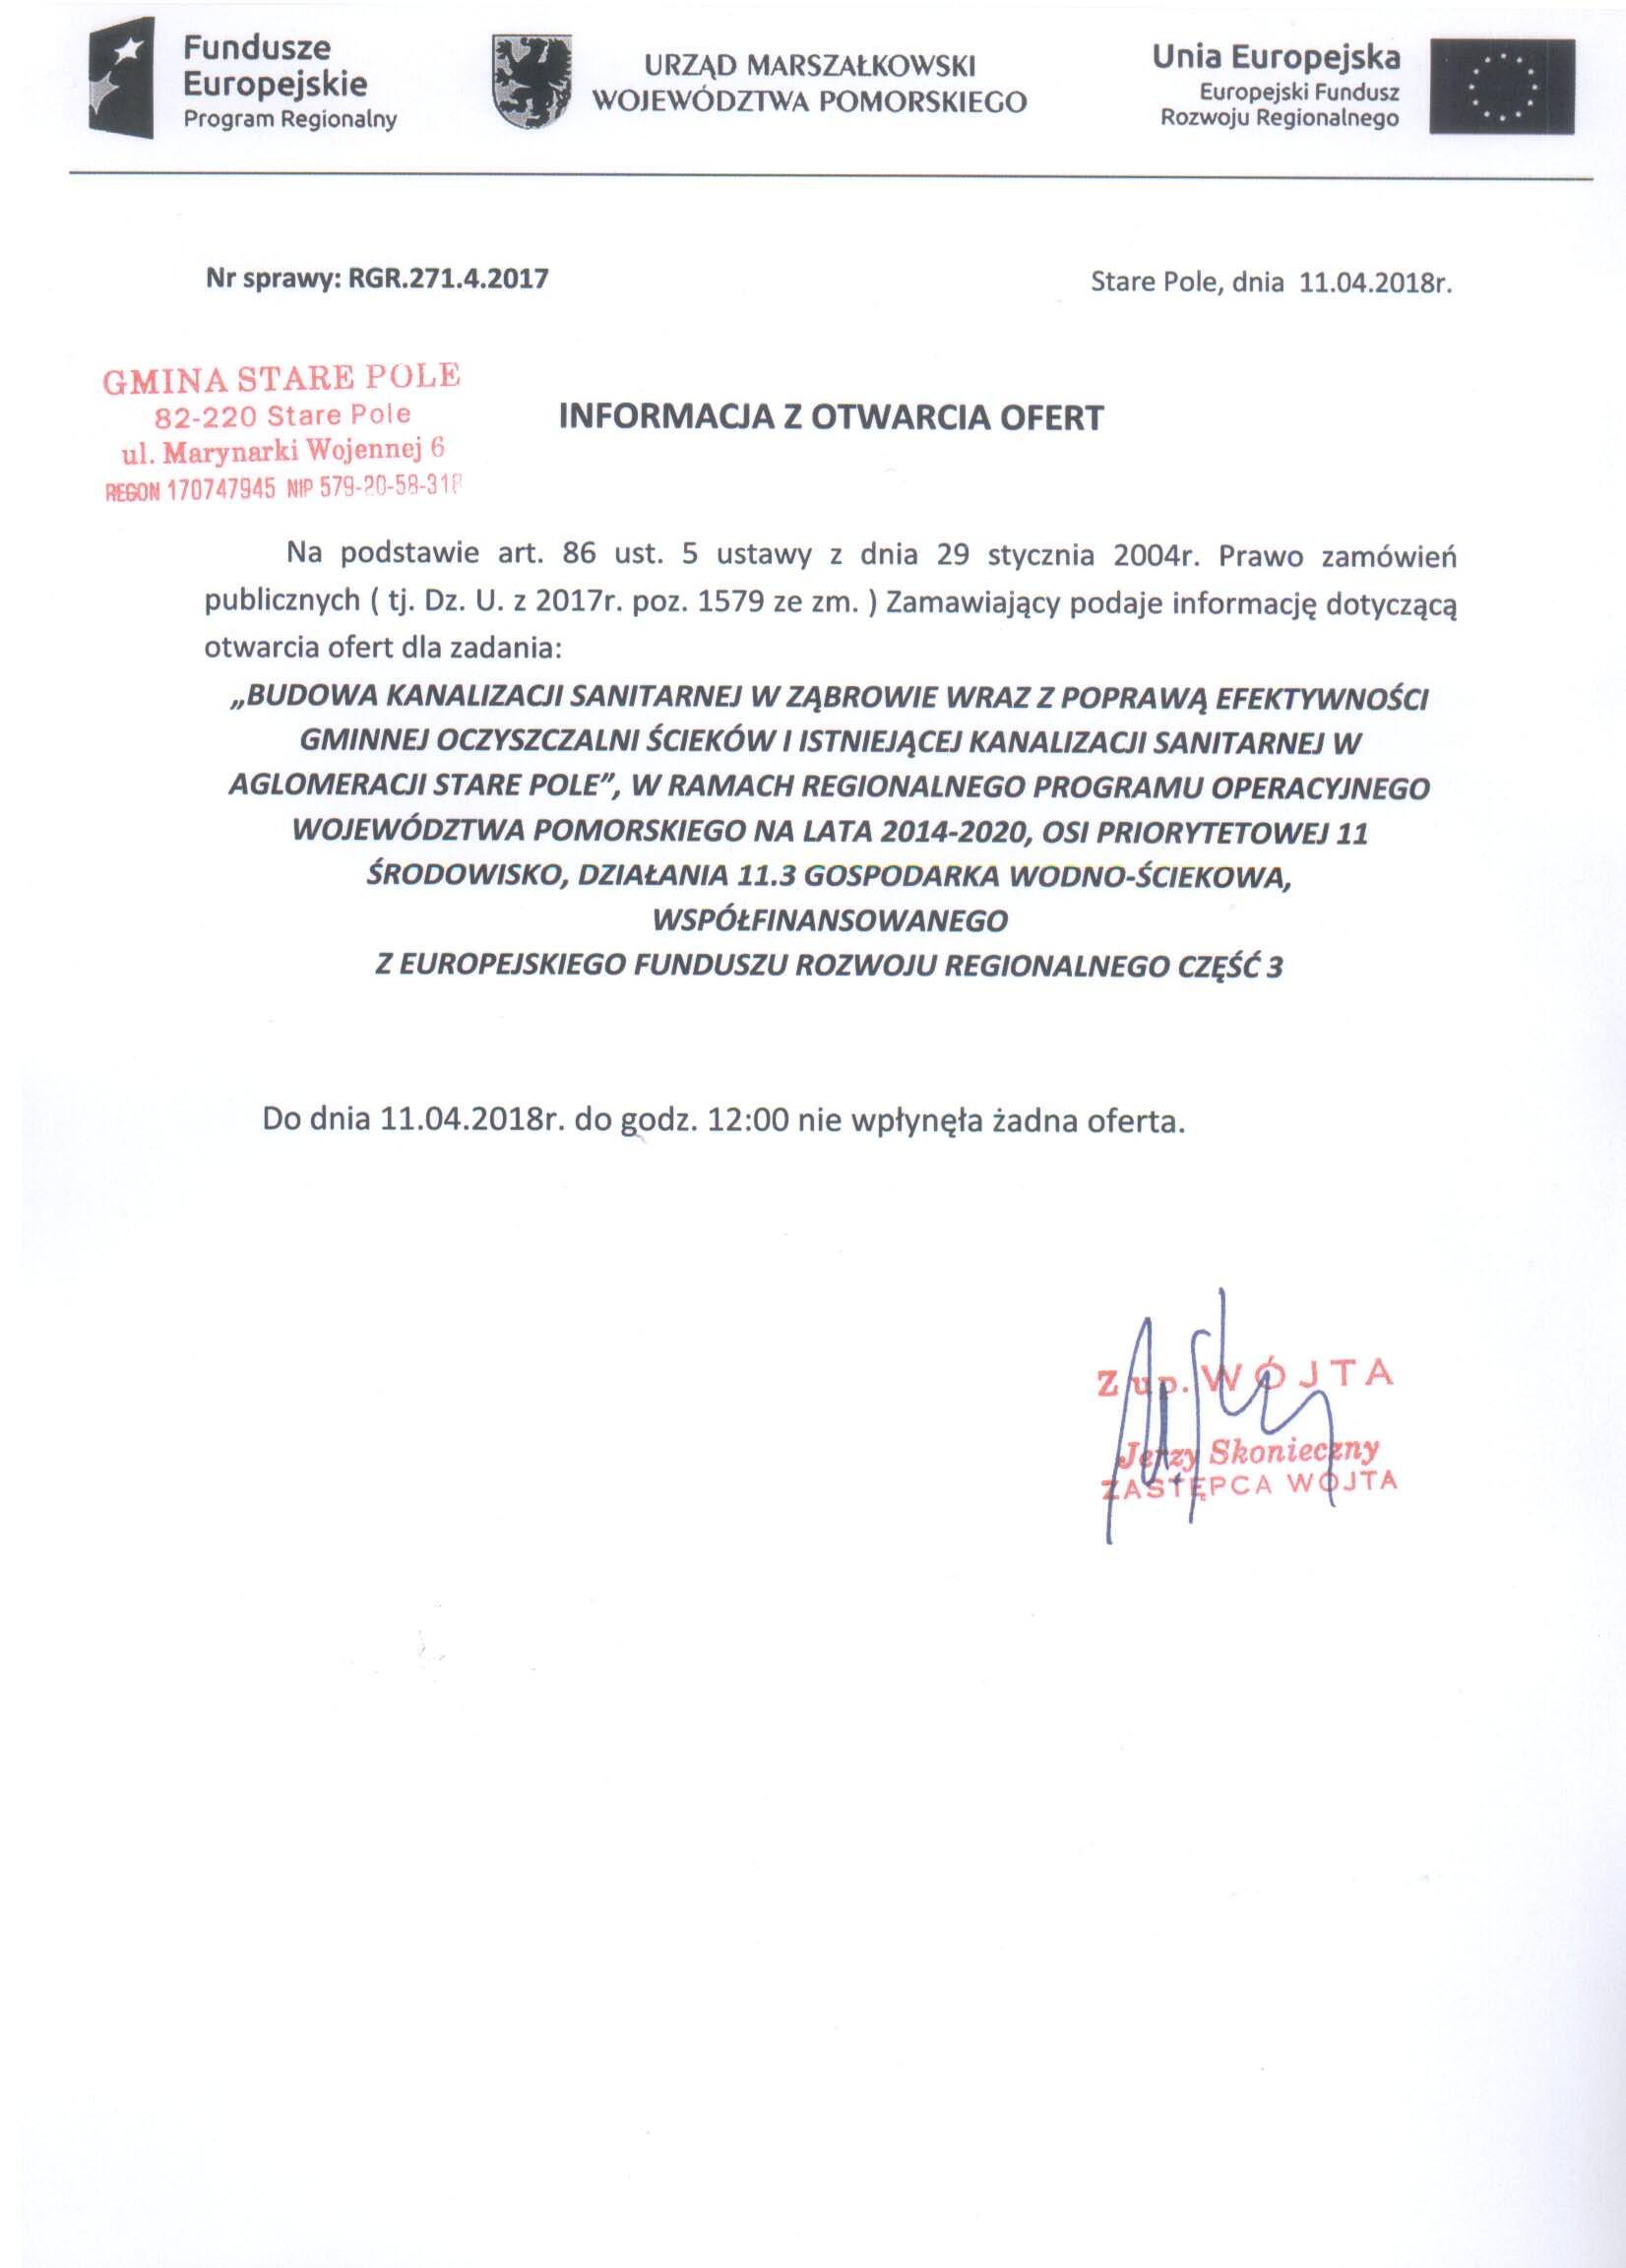 Informacja z dnia 11 kwietnia 2018 r. z otwarcia ofert